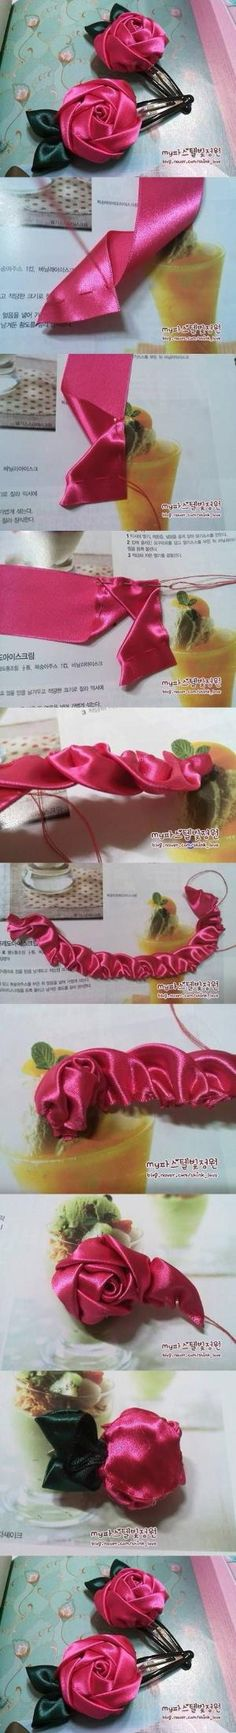 DIY Rose of Organza Ribbon by moona.jayl